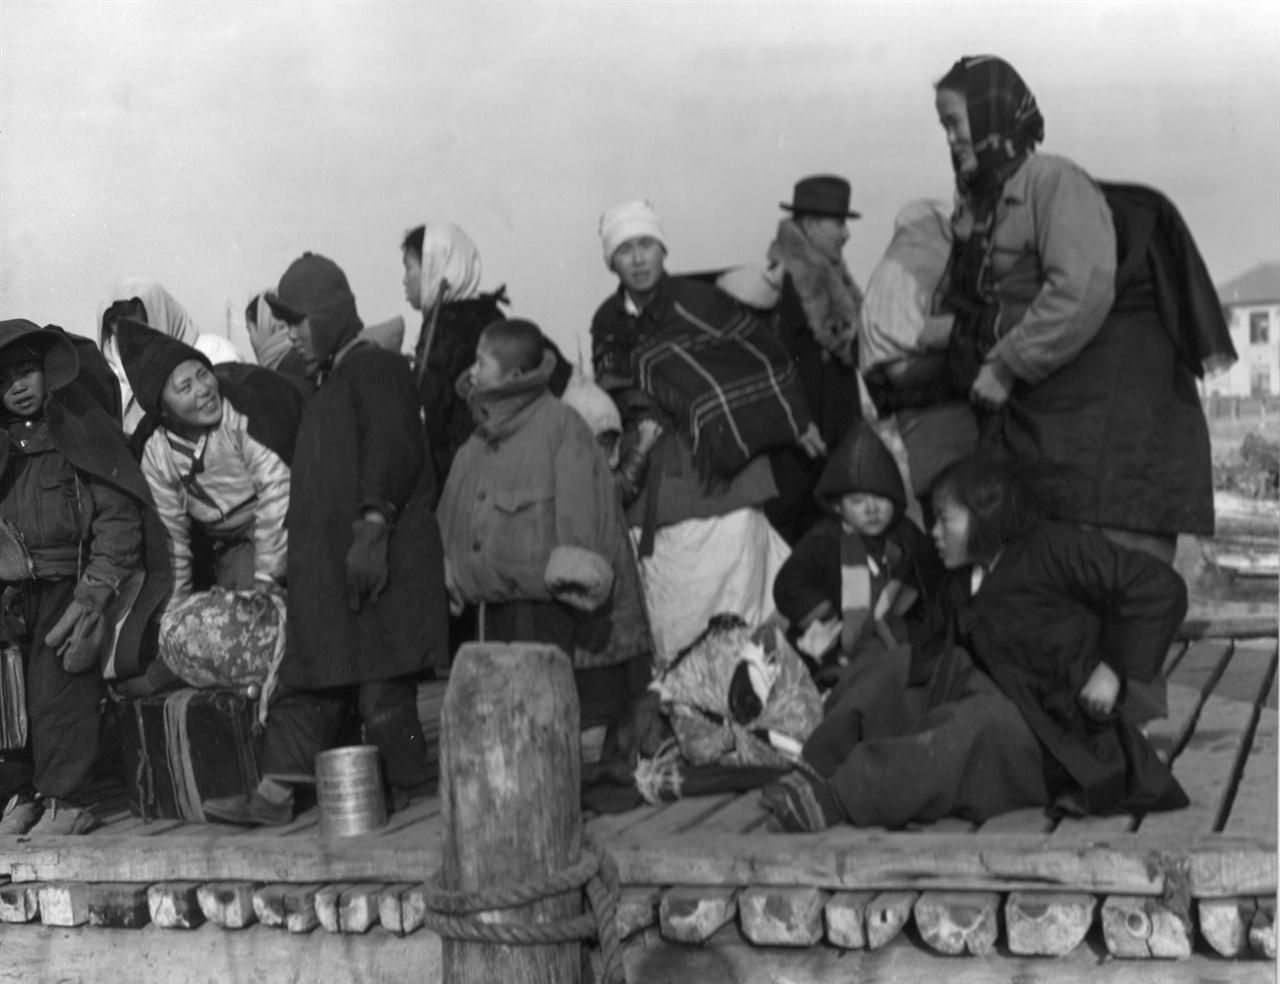 부산에서 남해안 섬으로 가는 배를 기다리는 피란민들(1951. 2. 8.).